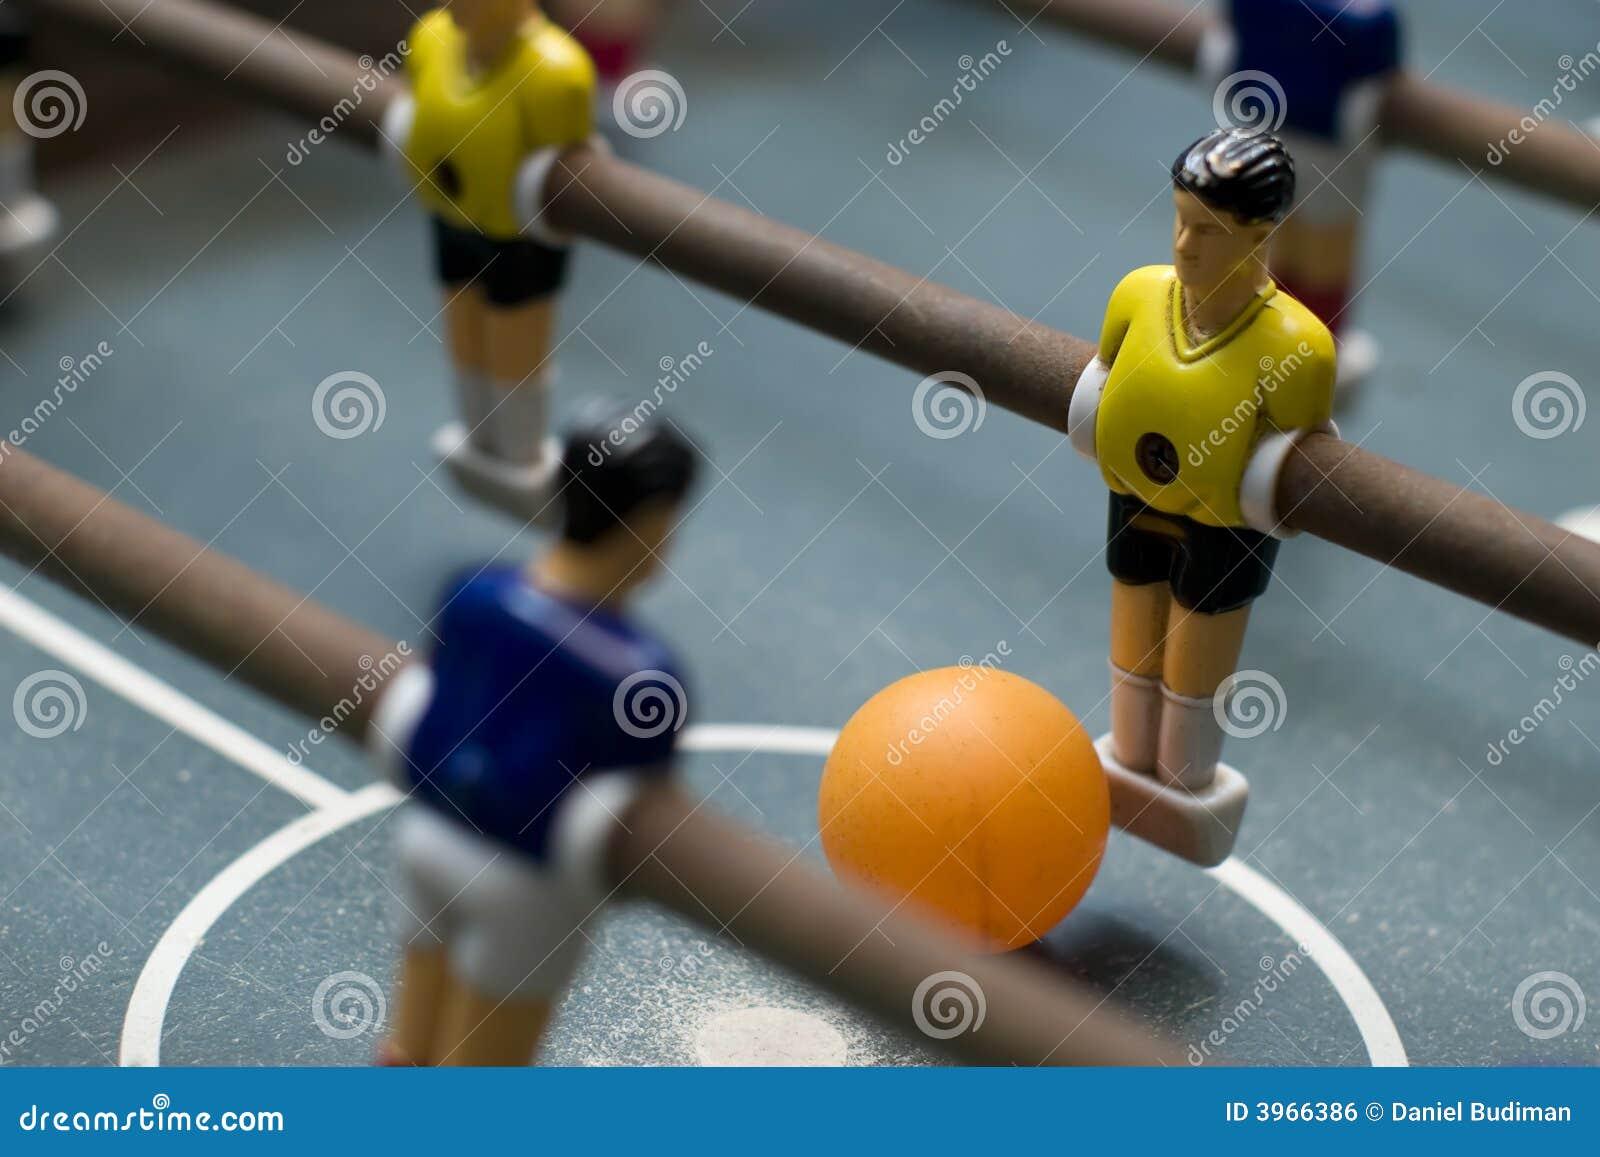 Fin de jeu de Foosball vers le haut de diagonale